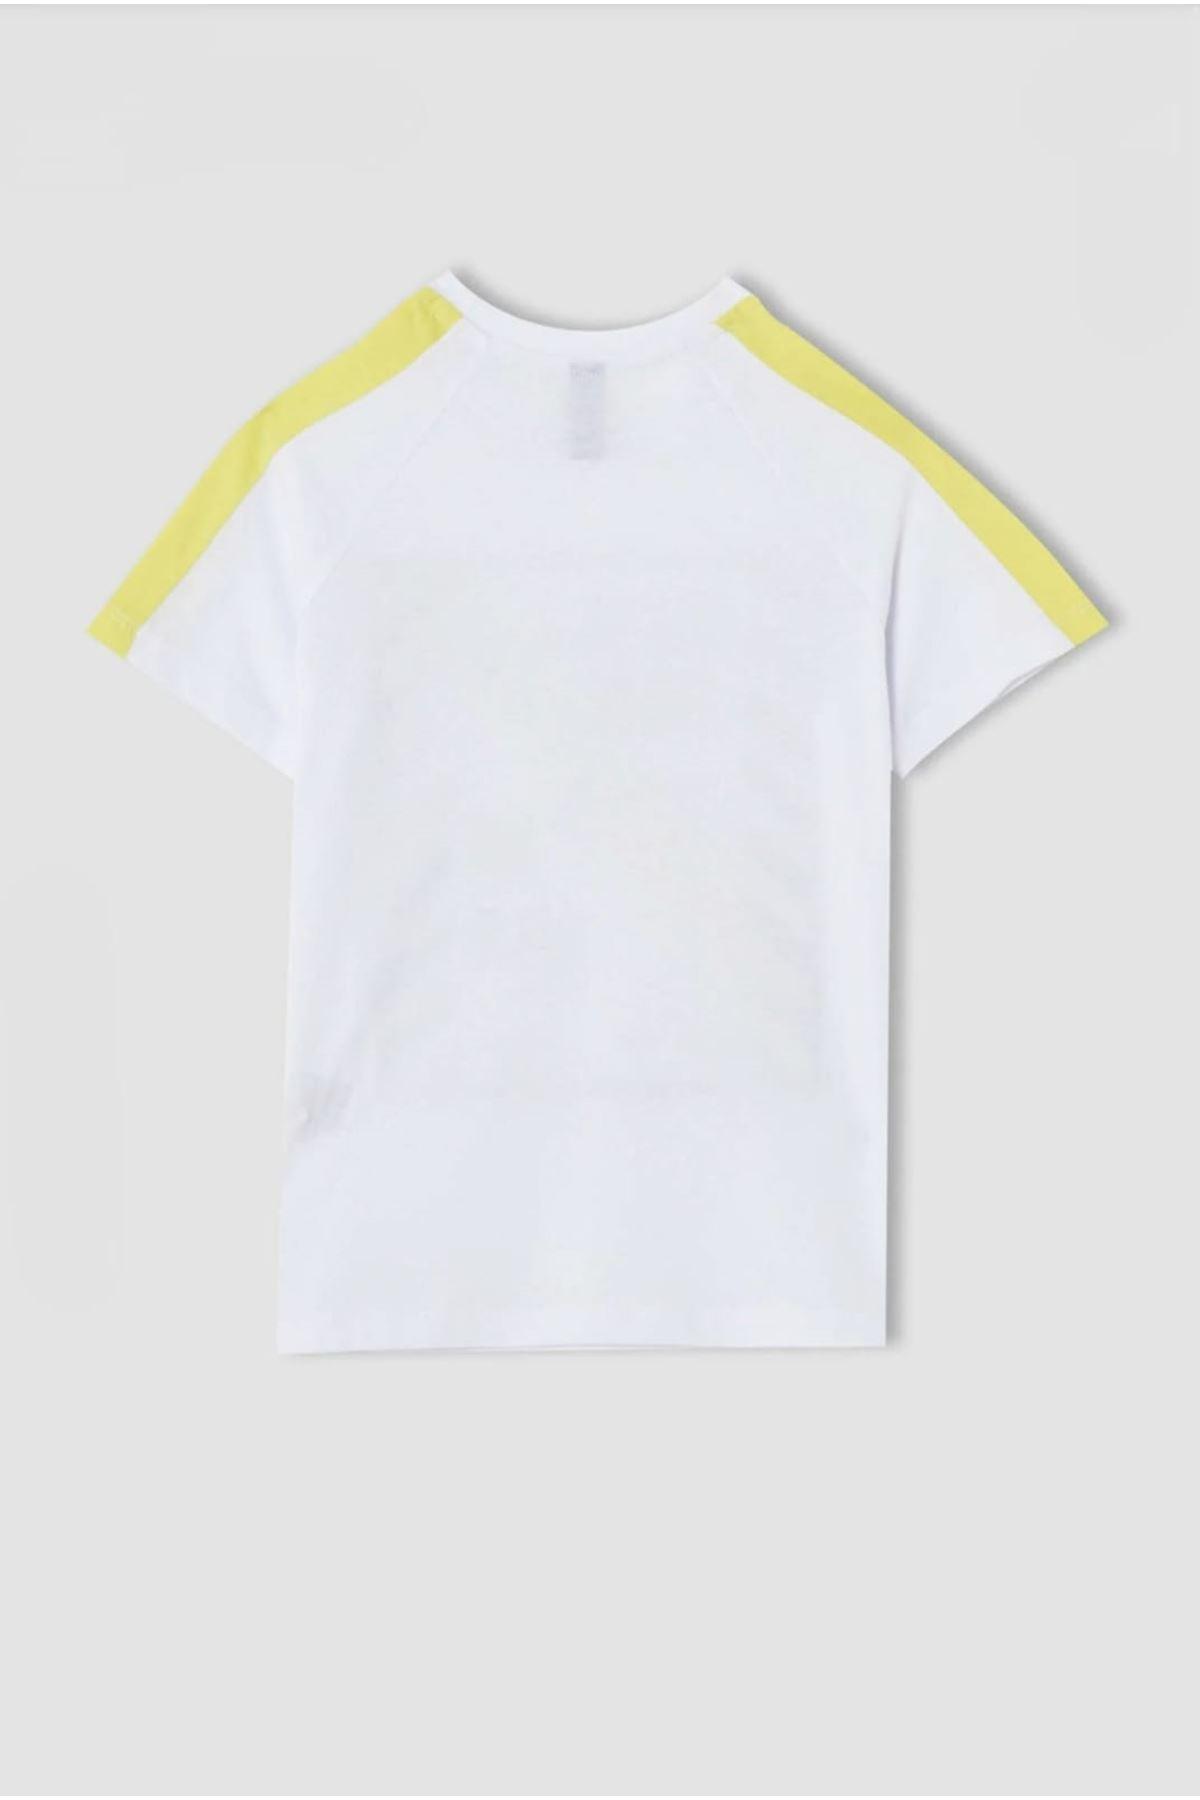 Erkek Çocuk Reglan Kol Baskılı Beyaz T-shırt